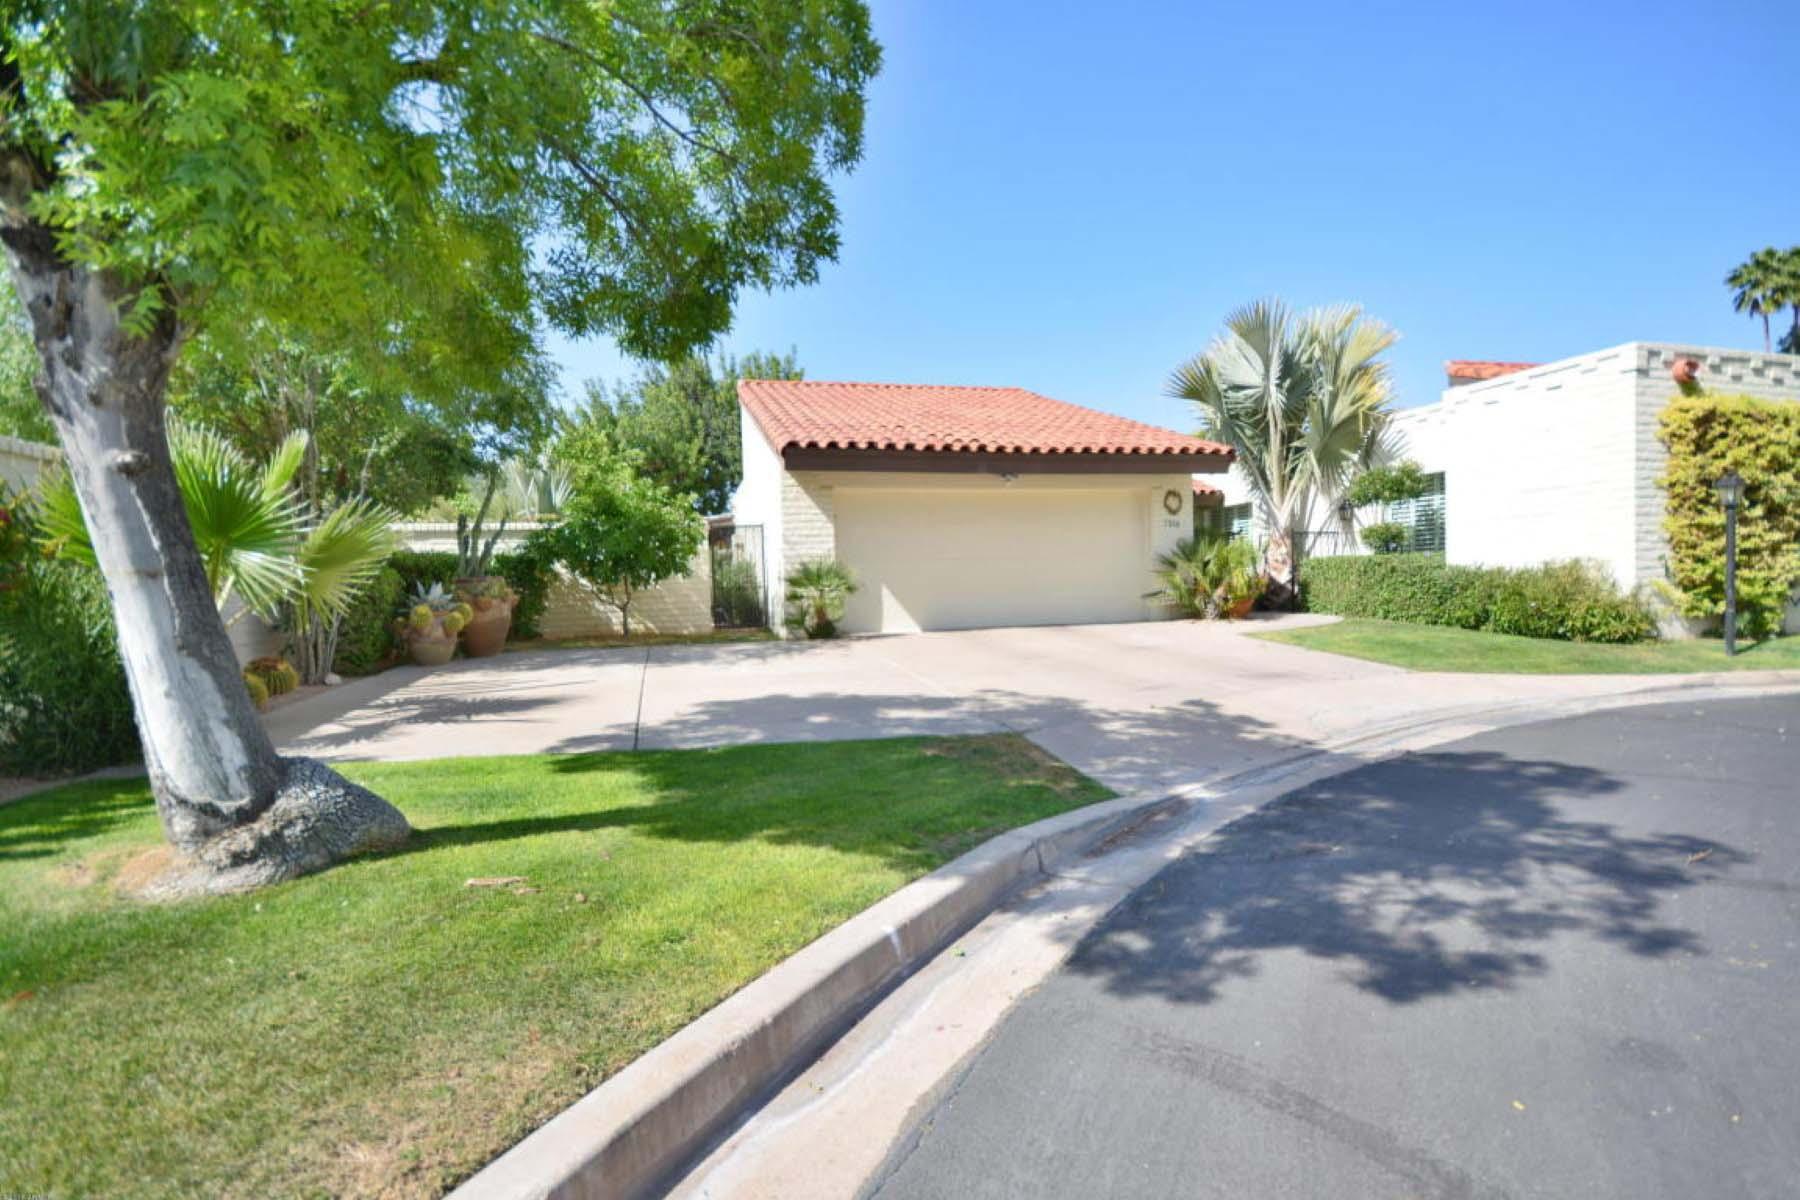 Nhà ở một gia đình vì Bán tại Highly desirable Casabella home. 7316 E SIERRA VISTA DR Scottsdale, Arizona 85250 Hoa Kỳ